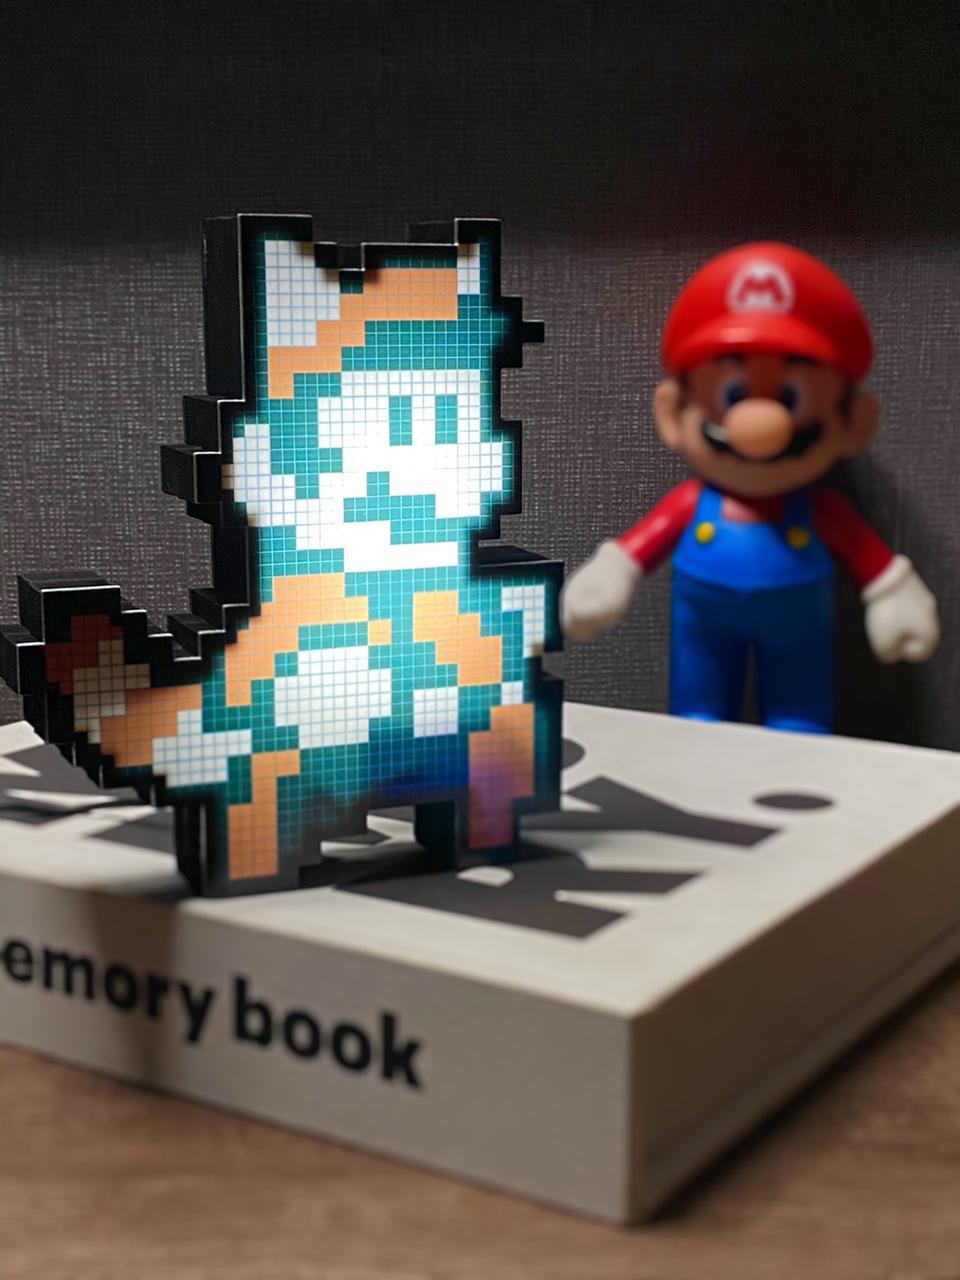 Luminoso Pixel Pals: Guaxinim Mario ( Raccoon Mario ) Super Mario Bros 3